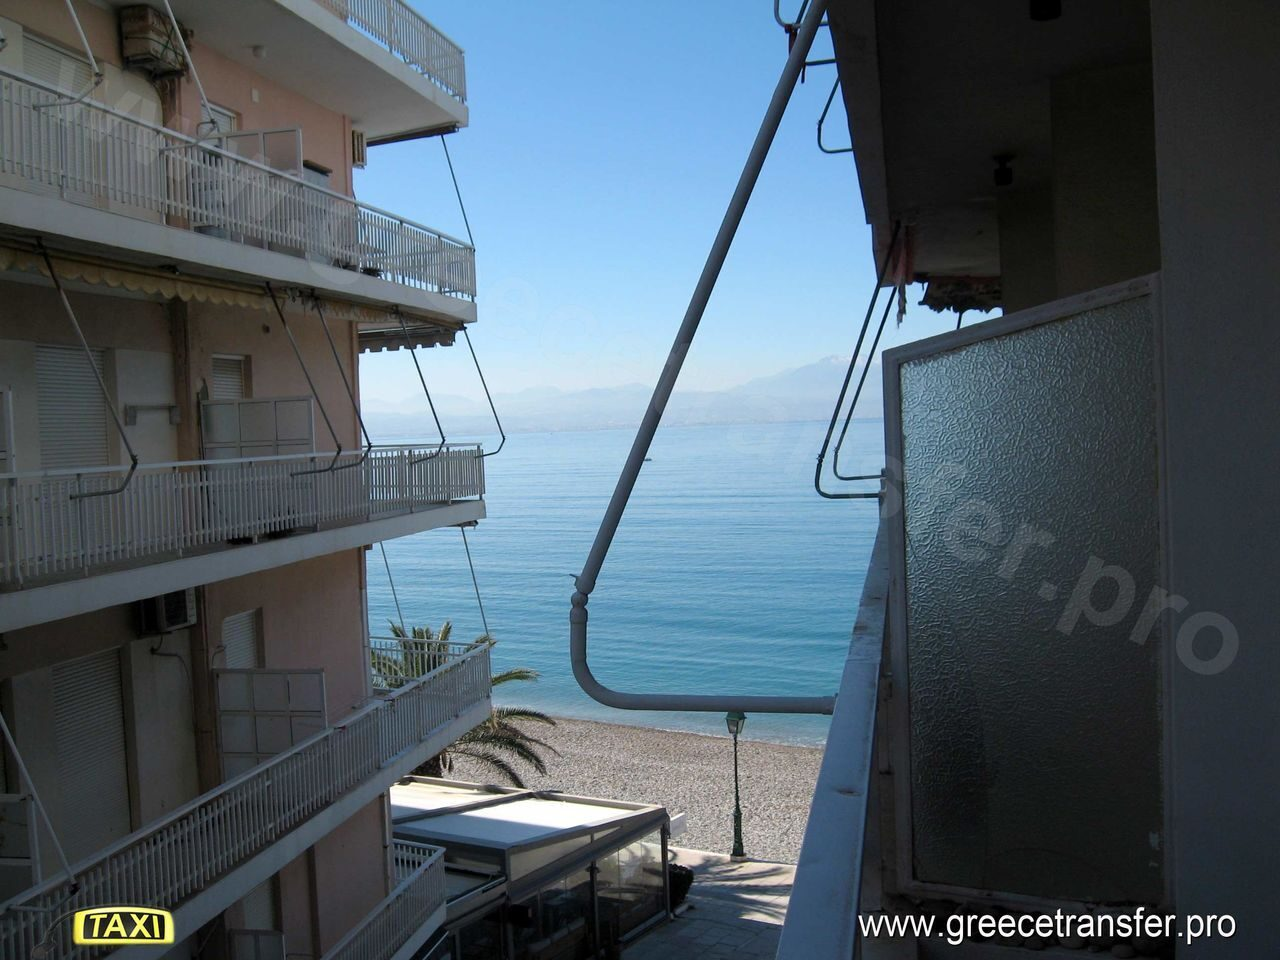 Рынок недвижимости греции